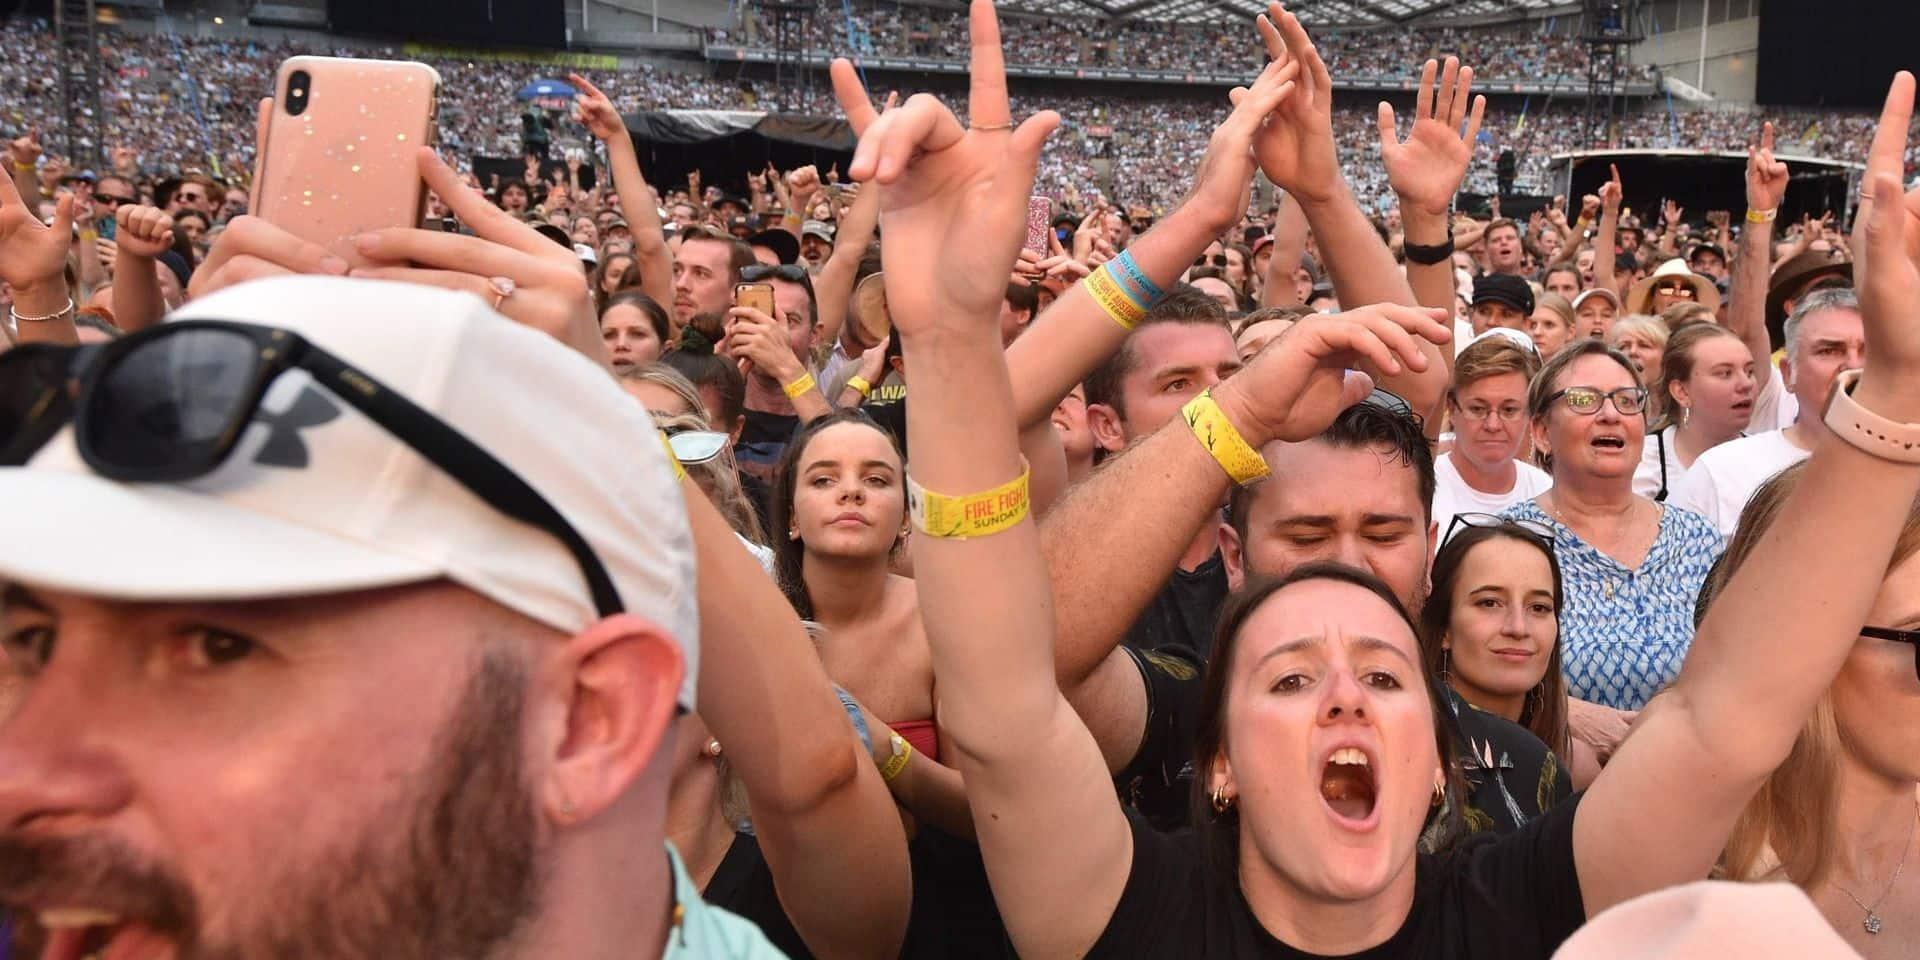 Les annulations de concerts et autres événements de masse se multiplient par crainte du coronavirus